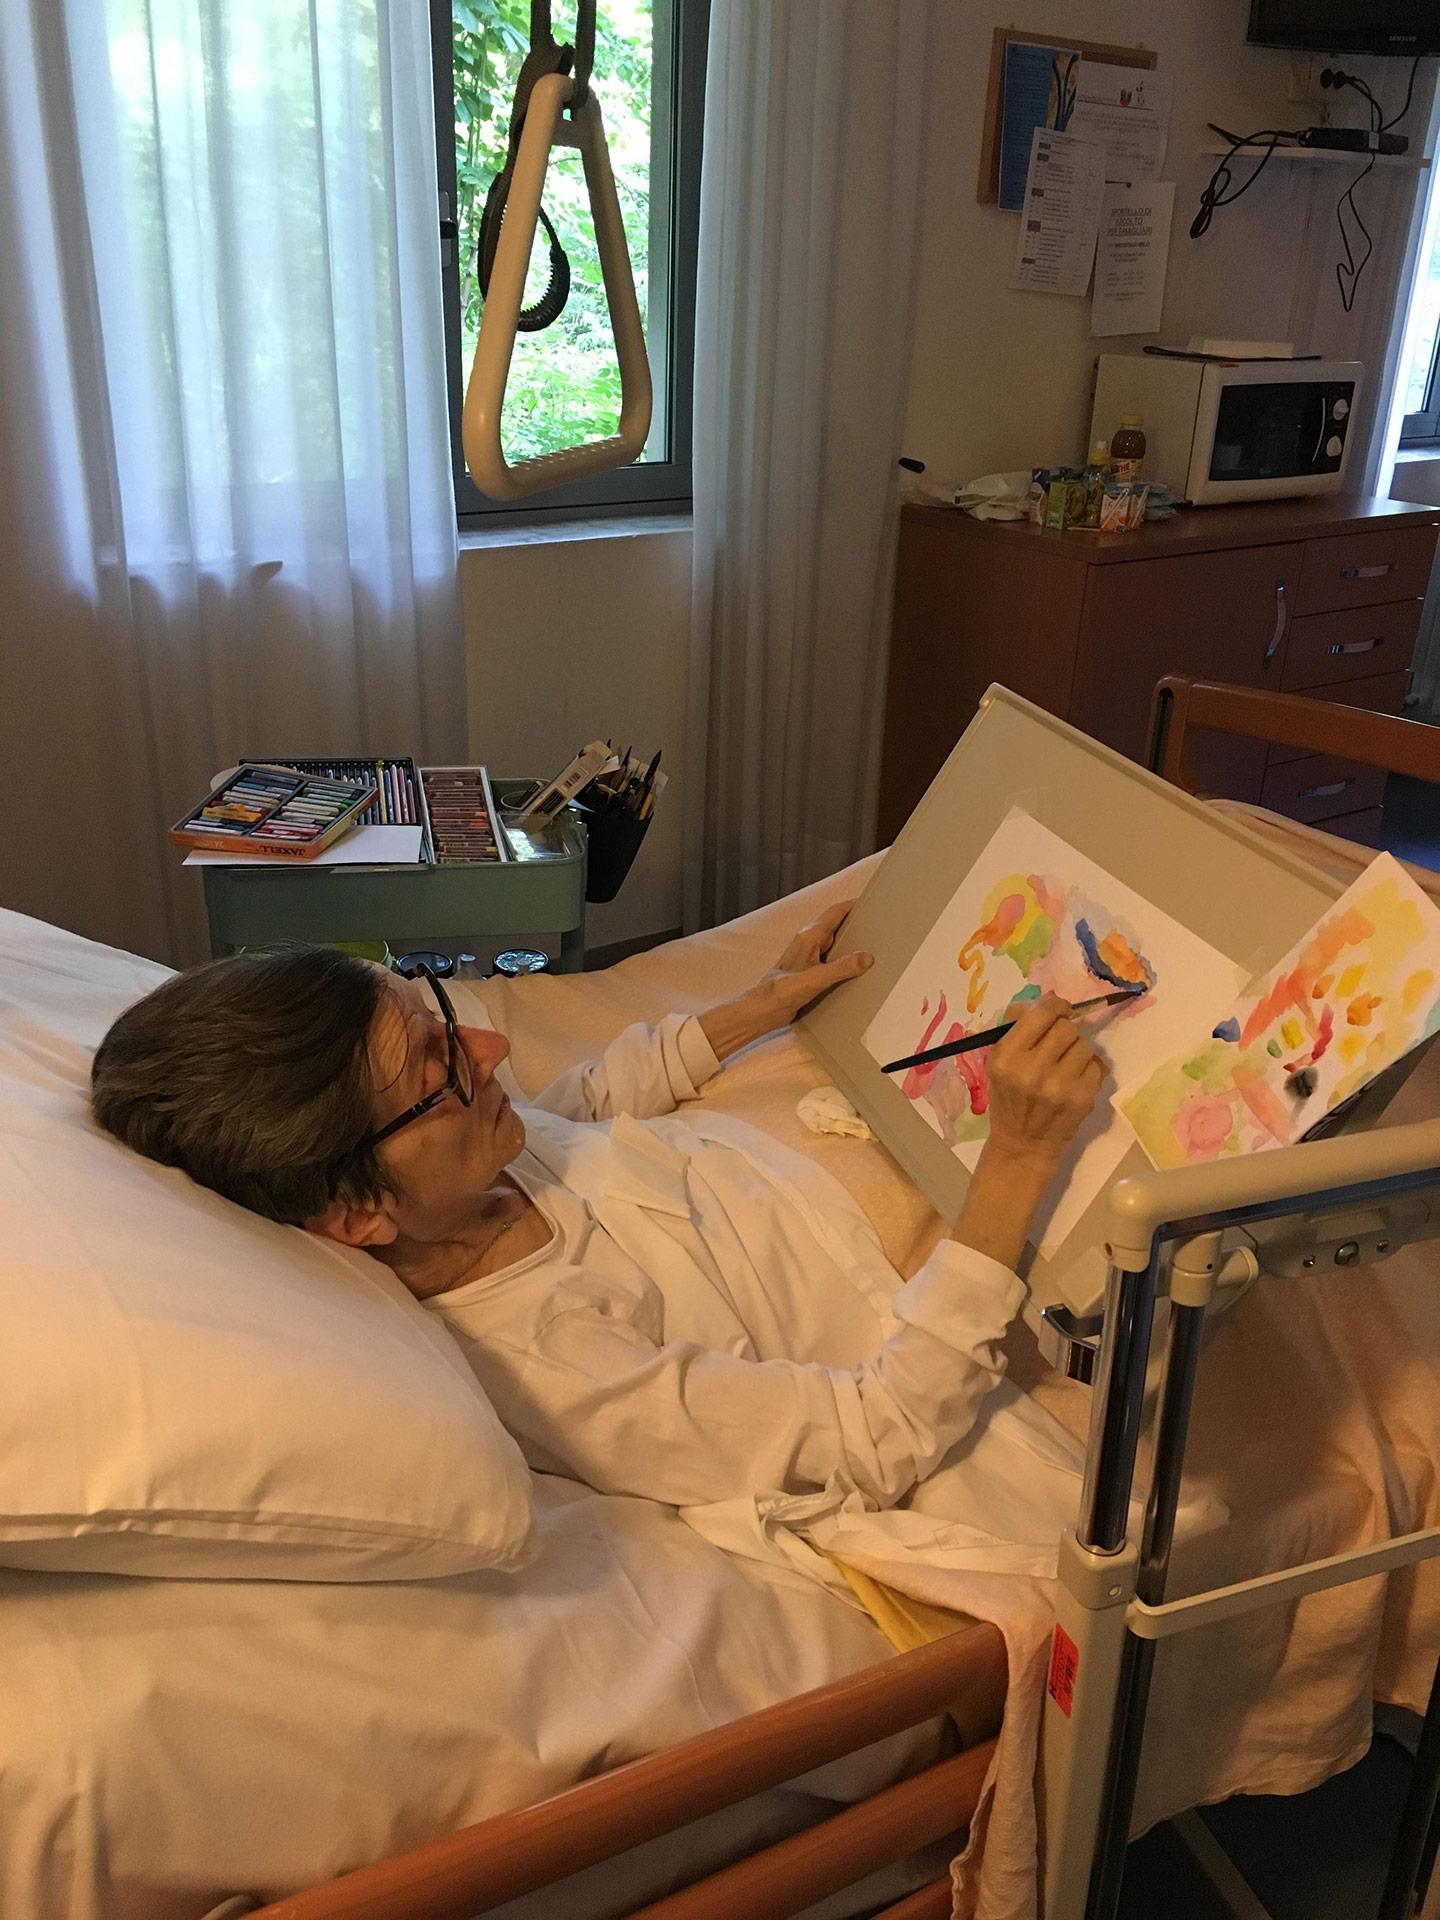 Arteterapia - Una Mano alla Vita Onlus ~ PHI Foundation